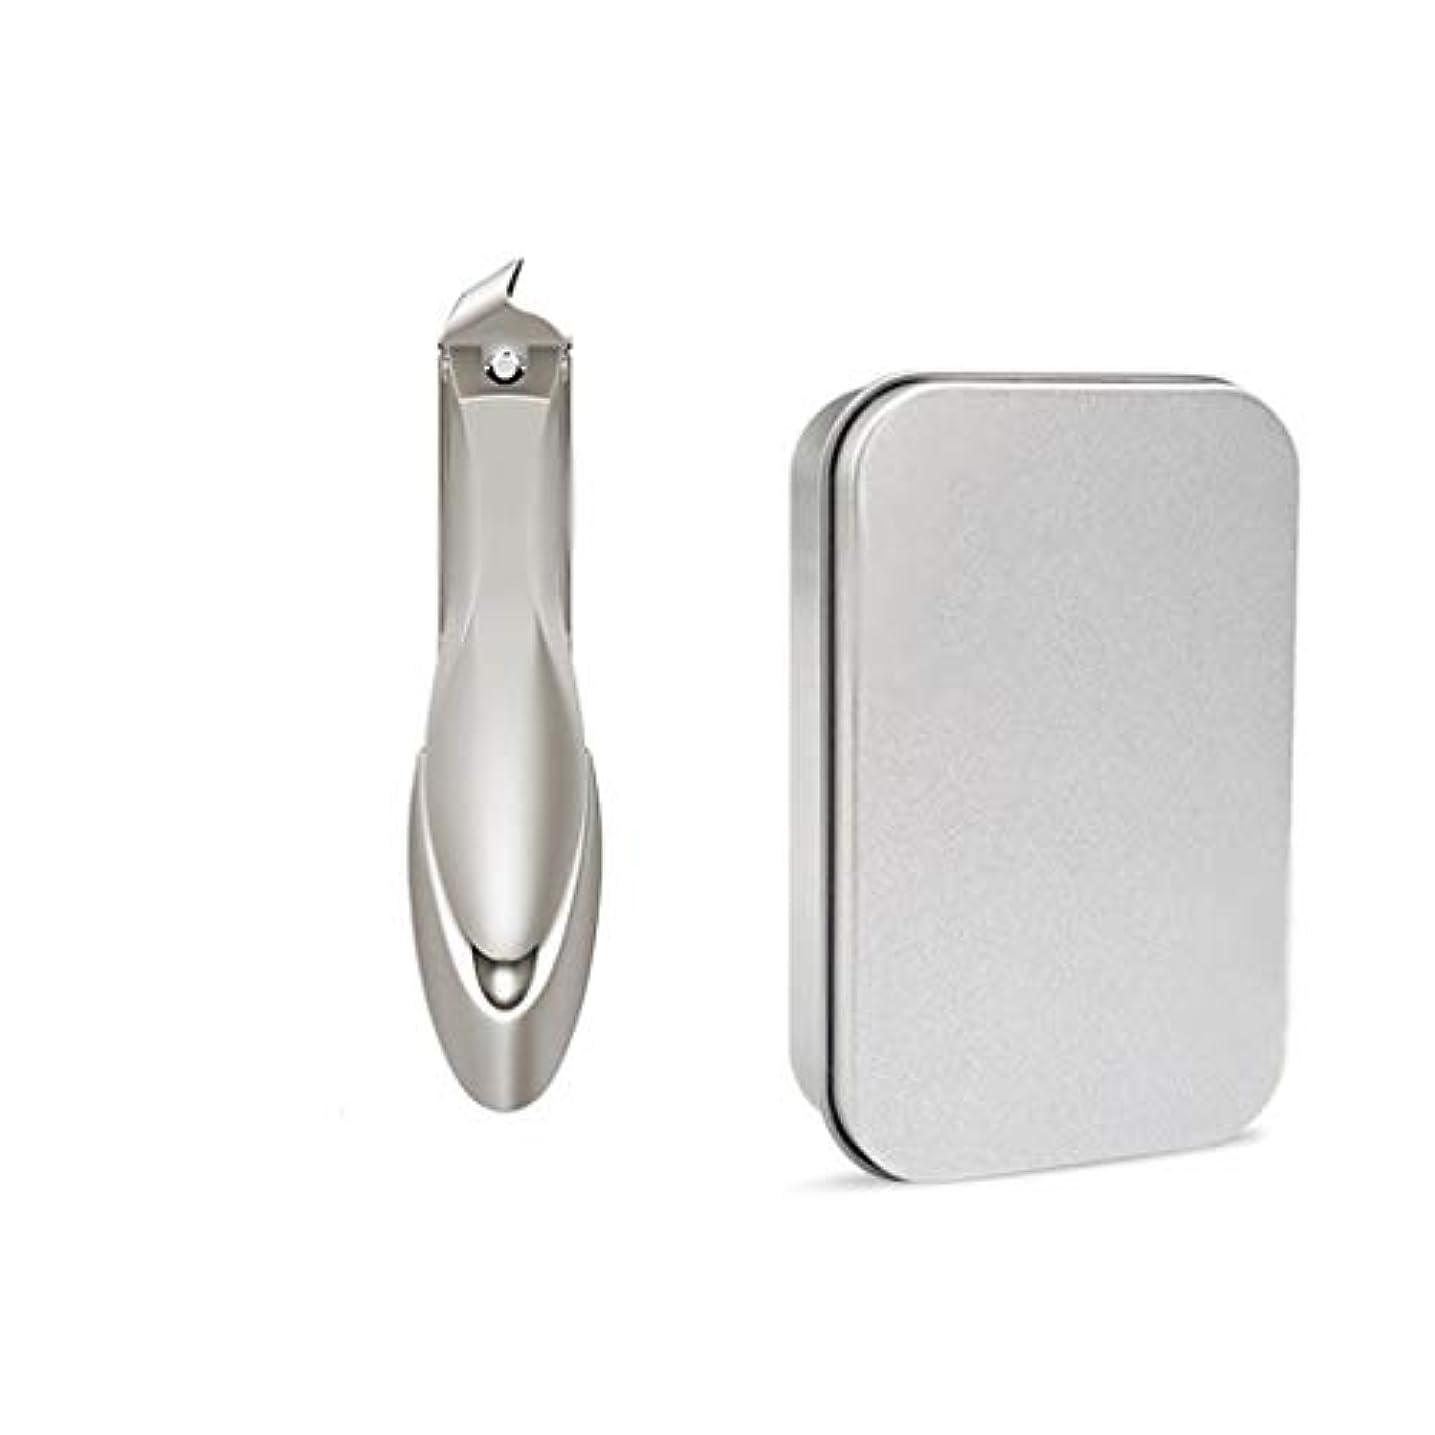 意味デザートエミュレーション爪切り 大中小ステンレス鋼の爪切りキューティクルはさみ爪はさみ爪切りトリマートリマー爪ツール ネイル (サイズ : A)